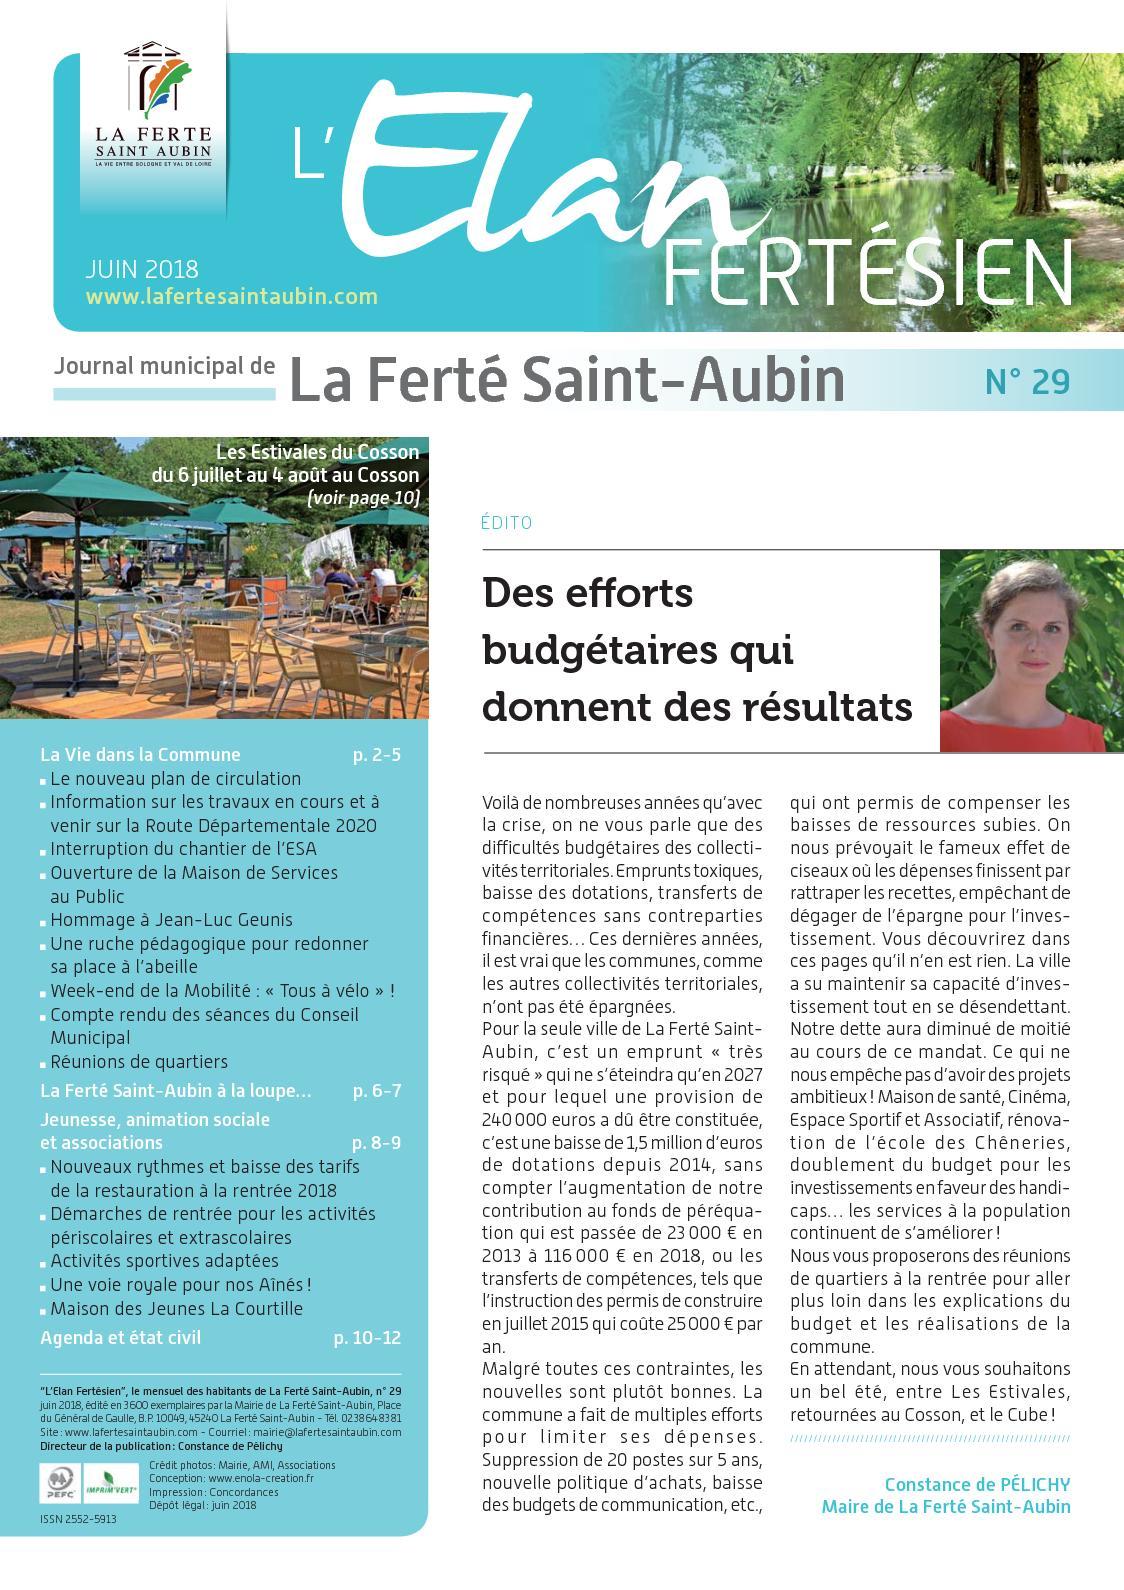 Brocante La Ferte St Aubin calaméo - lelanfertesienjuin2018num29